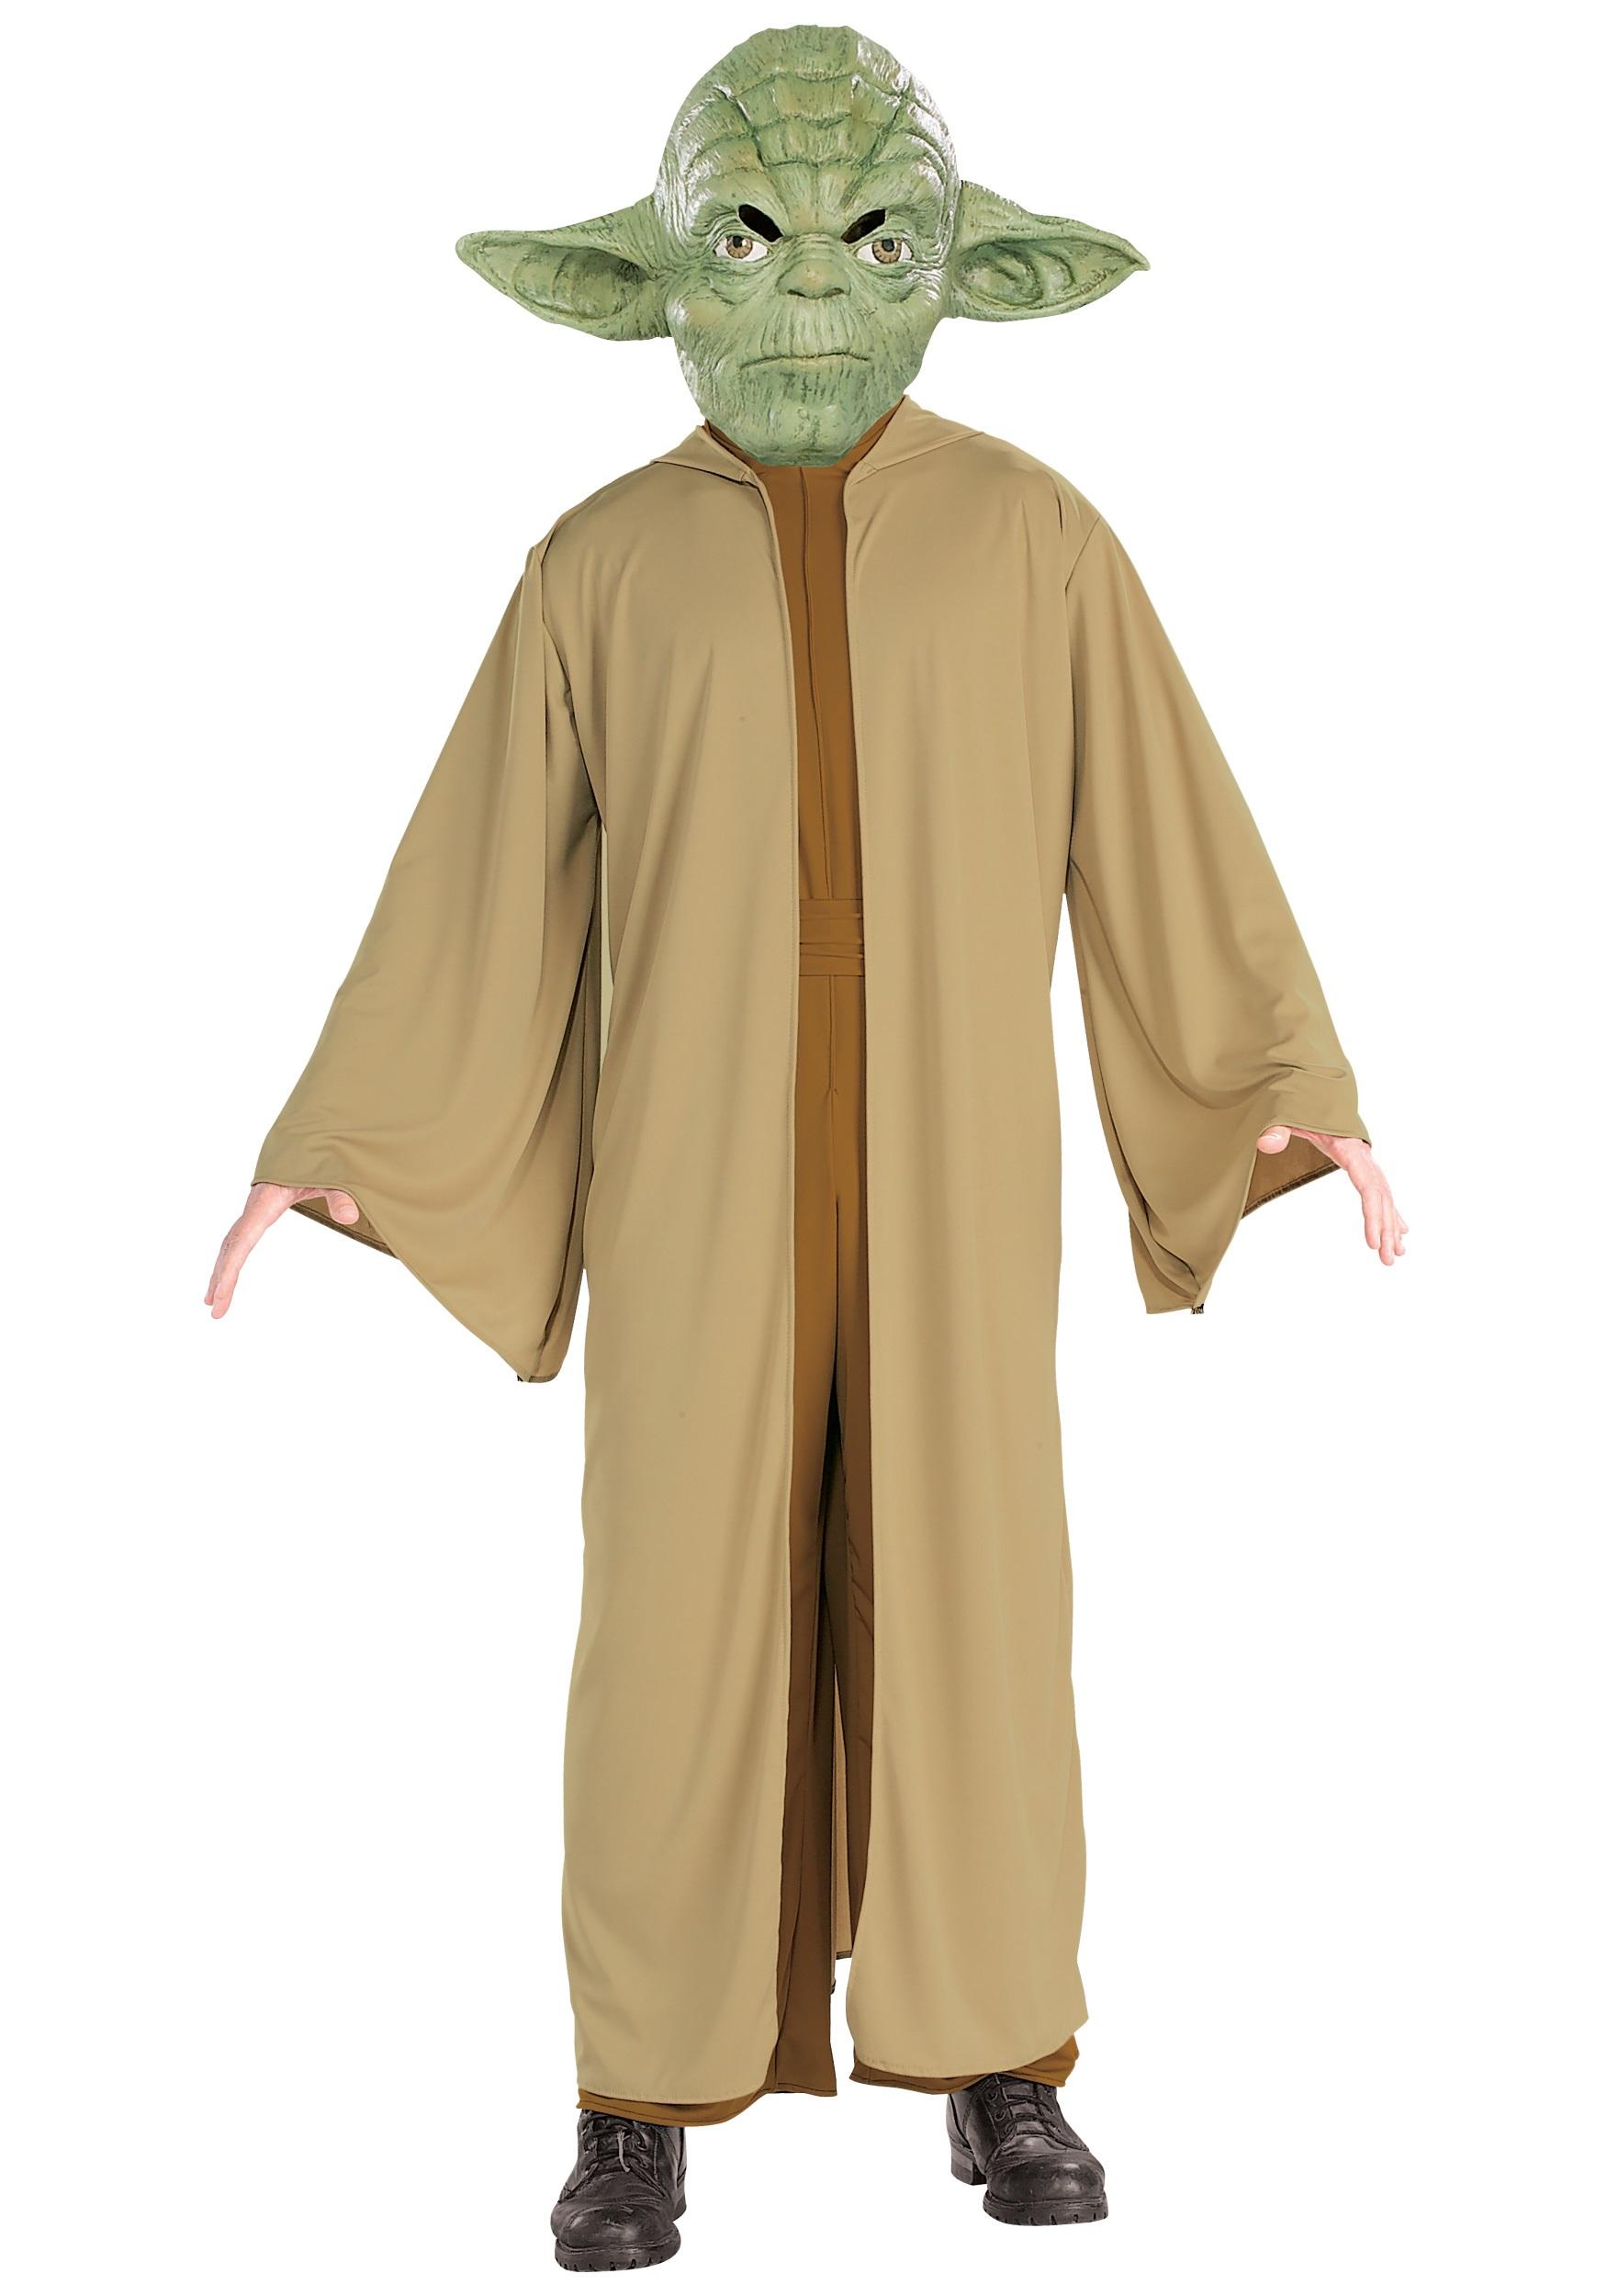 Star Wars Jedi Knight Costumes - HalloweenCostumes.com